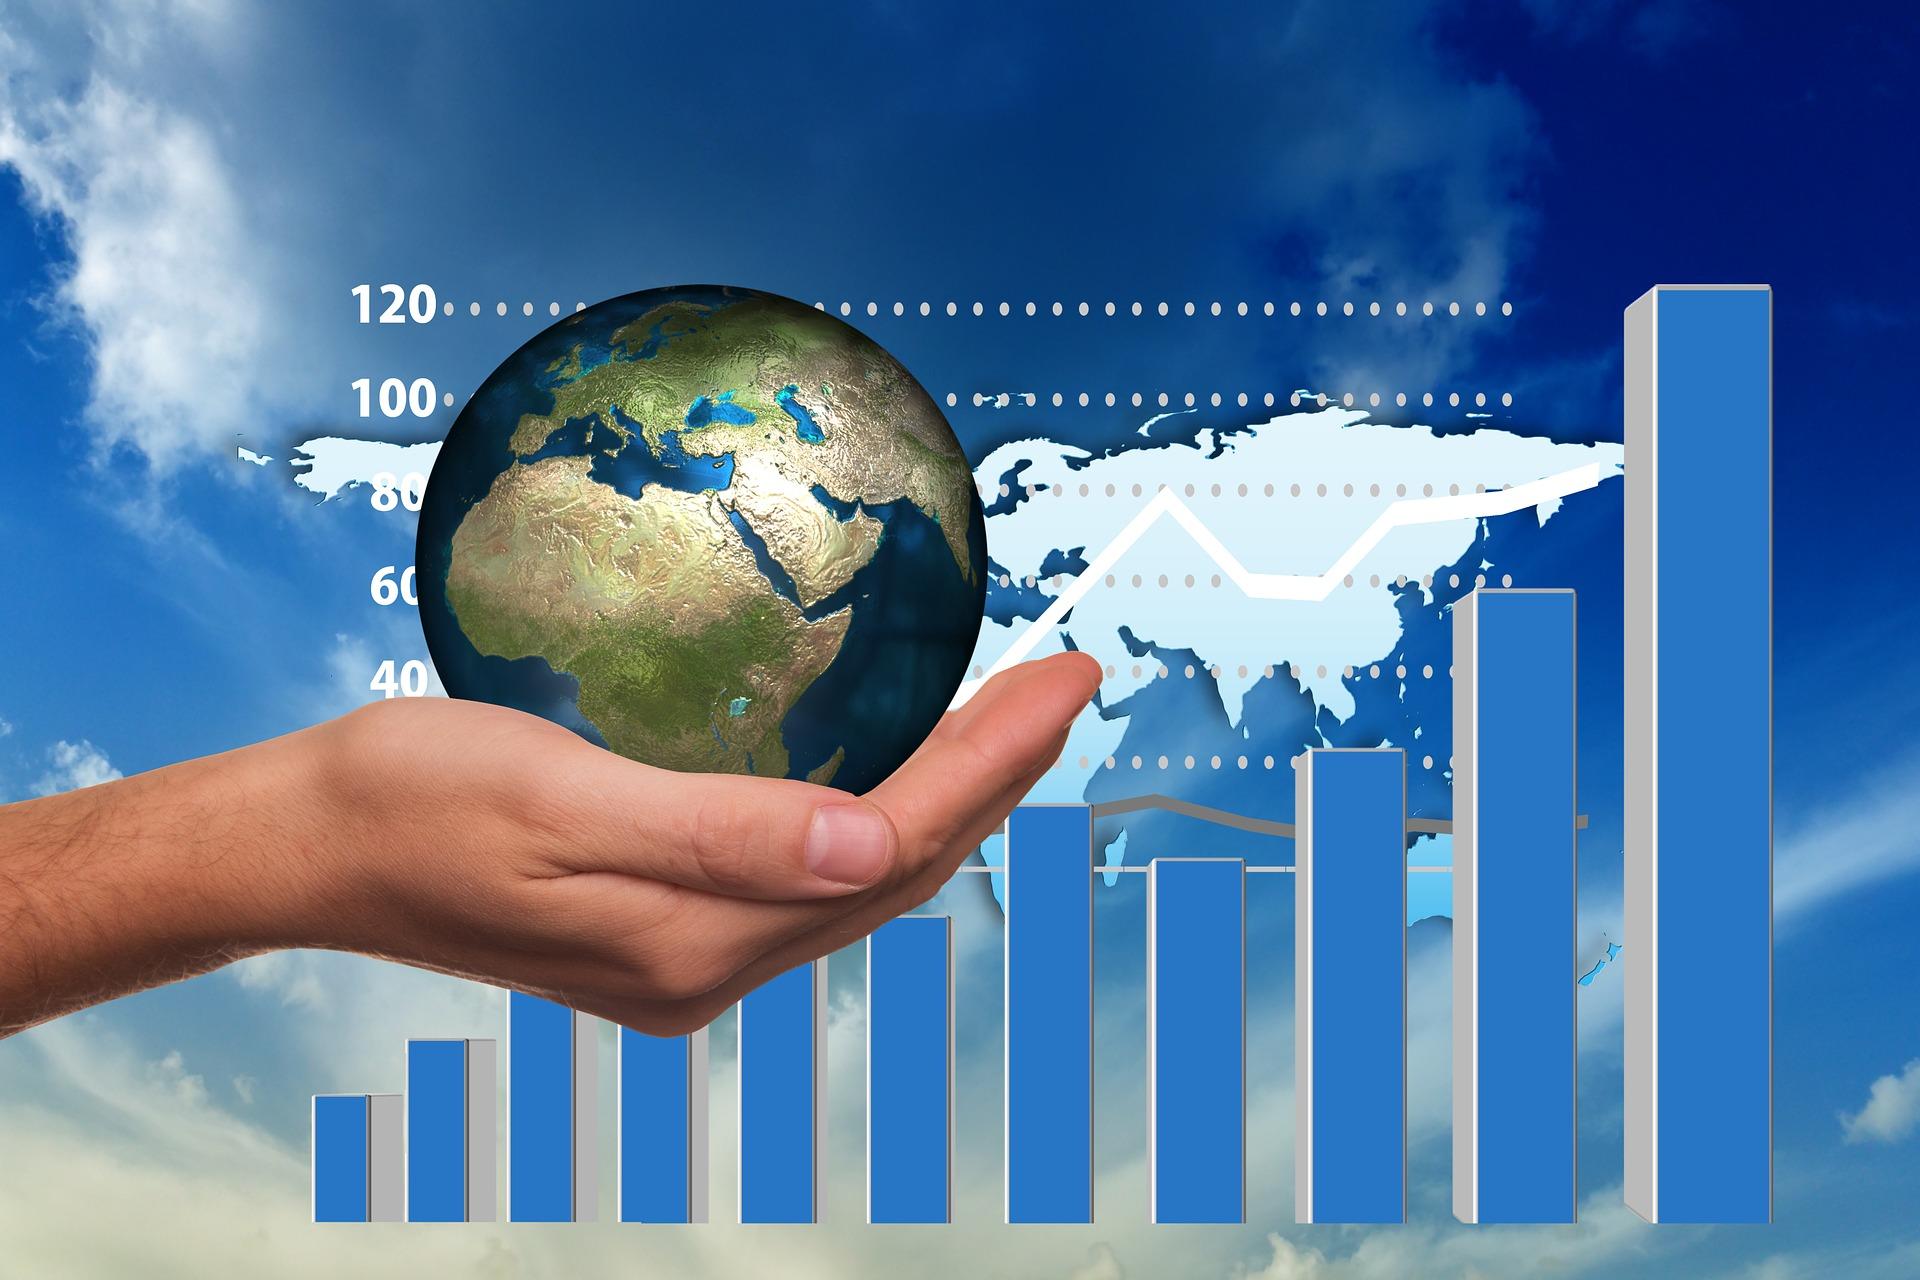 Illustration showing global trend